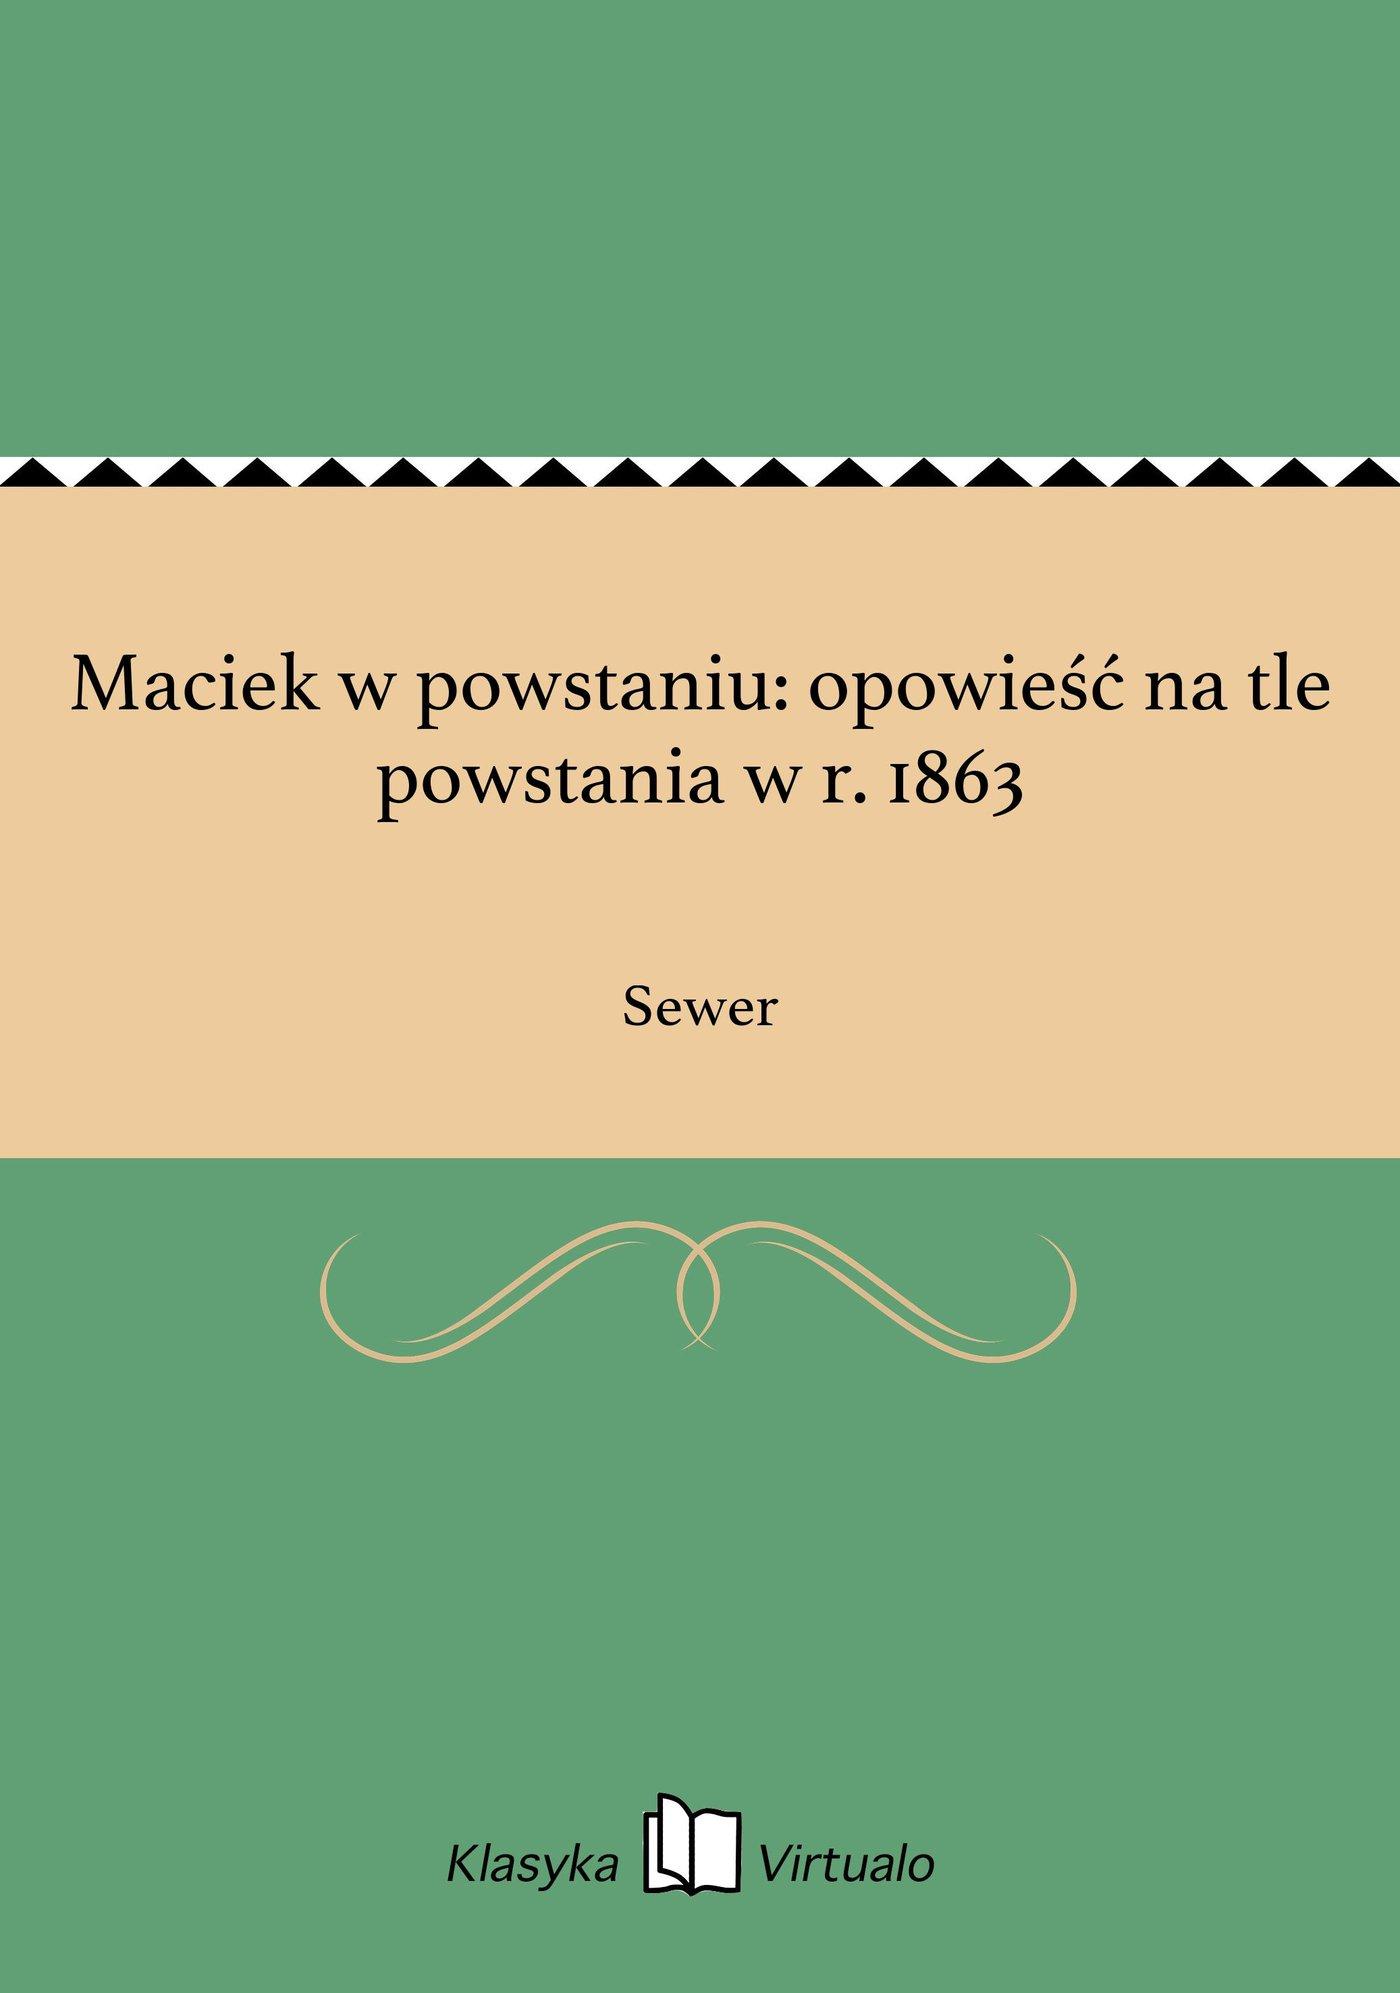 Maciek w powstaniu: opowieść na tle powstania w r. 1863 - Ebook (Książka EPUB) do pobrania w formacie EPUB